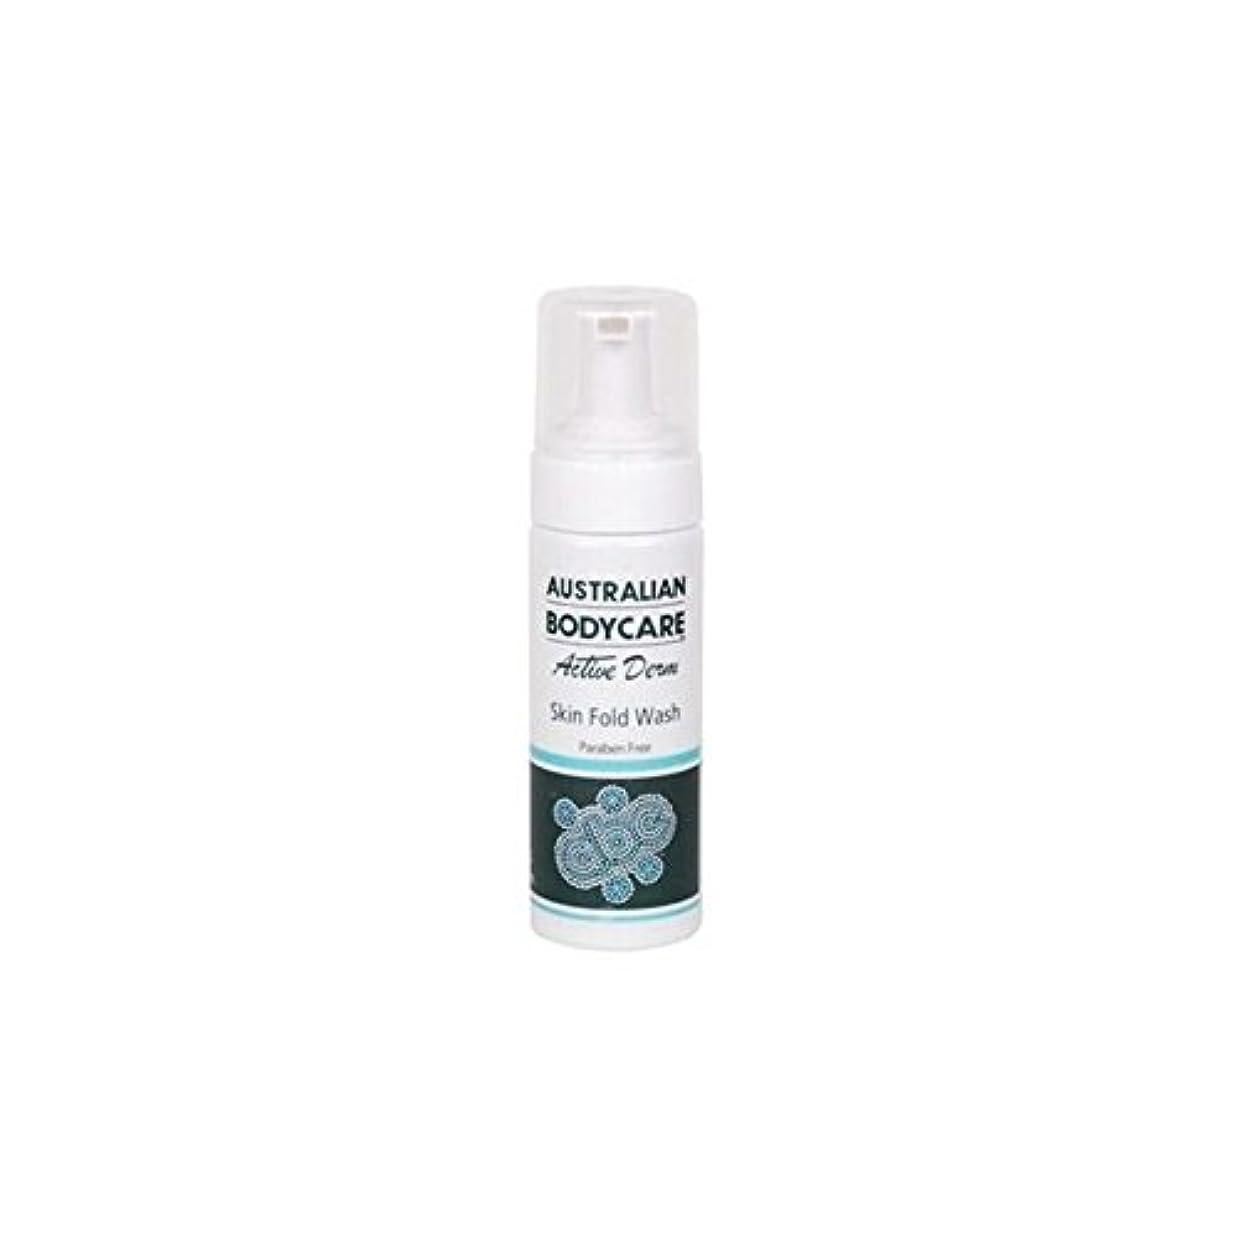 どきどき支給重荷オーストラリアのボディケアアクティブダームの皮膚のひだの洗浄(150ミリリットル) x2 - Australian Bodycare Active Derm Skin Fold Wash (150ml) (Pack of...